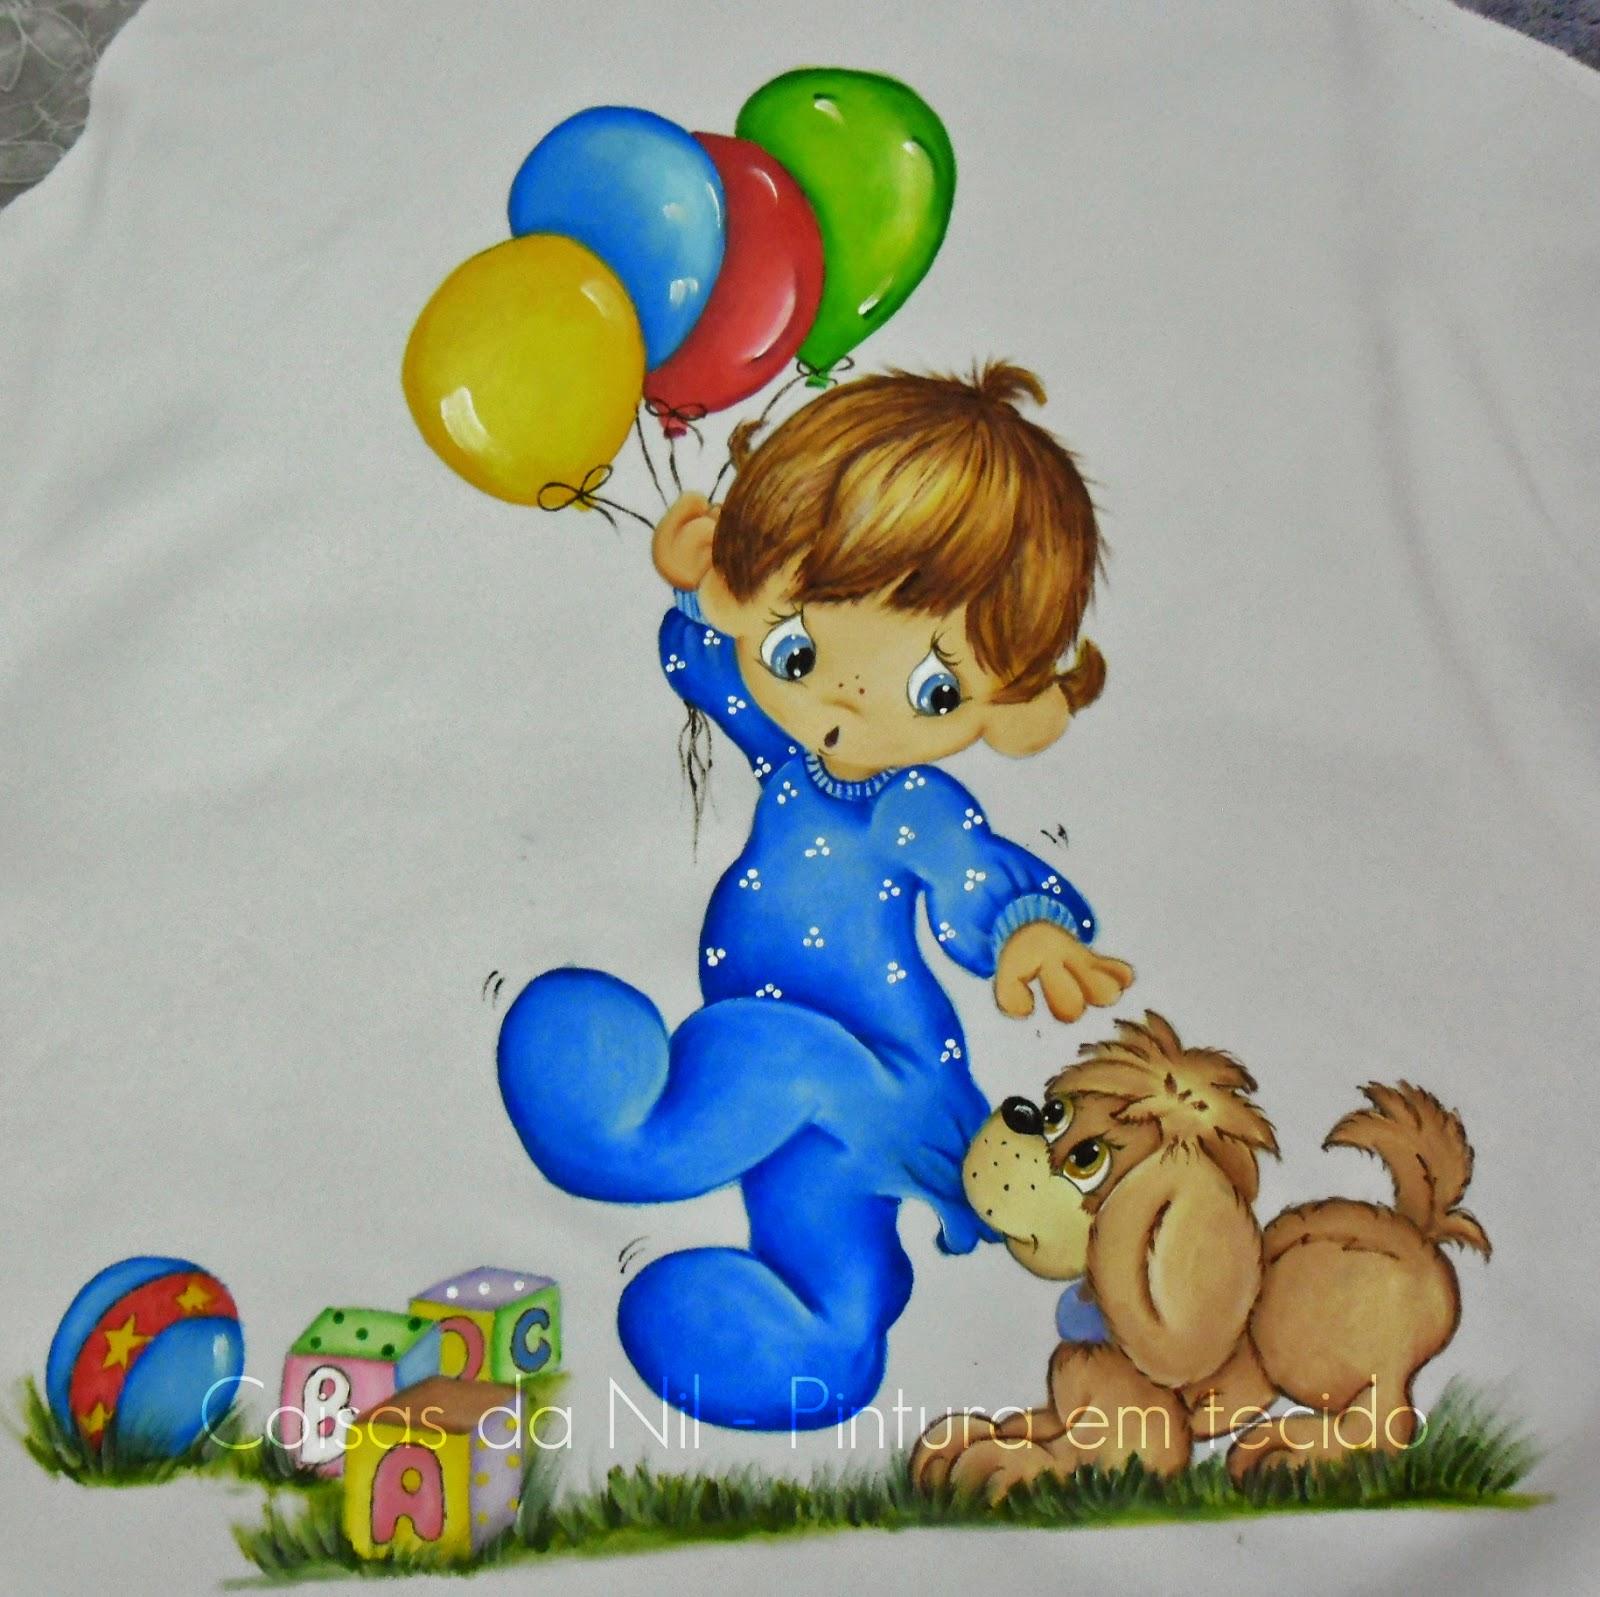 fralda pintada a mão com menino dos preciosos momentos com cachorro e baloes